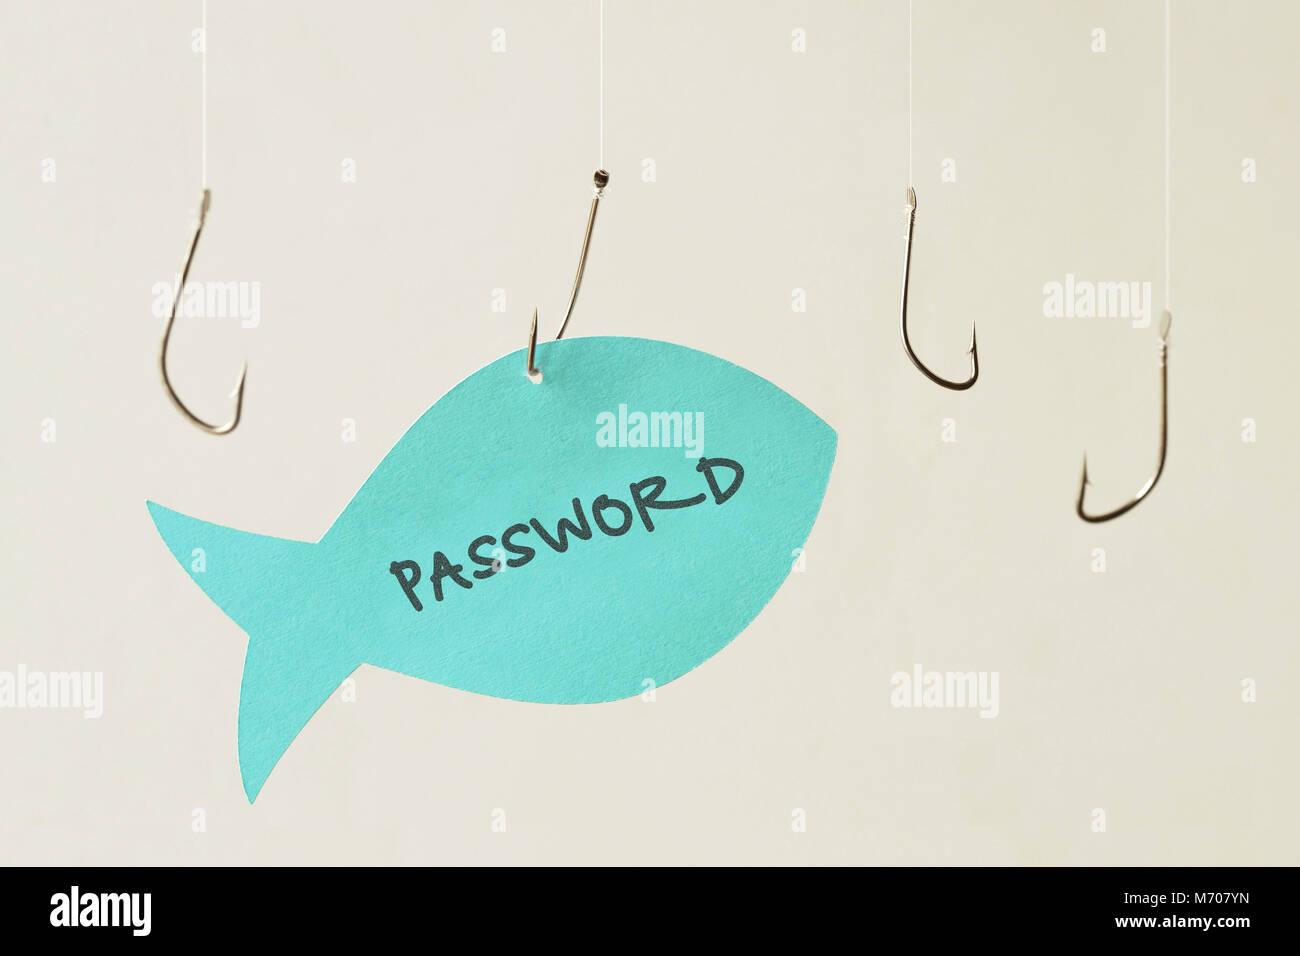 Fisch Haken und Kennwort auf einem Papier Hinweis in Form eines Fisches geschrieben - Phishing und Internet Security Stockfoto